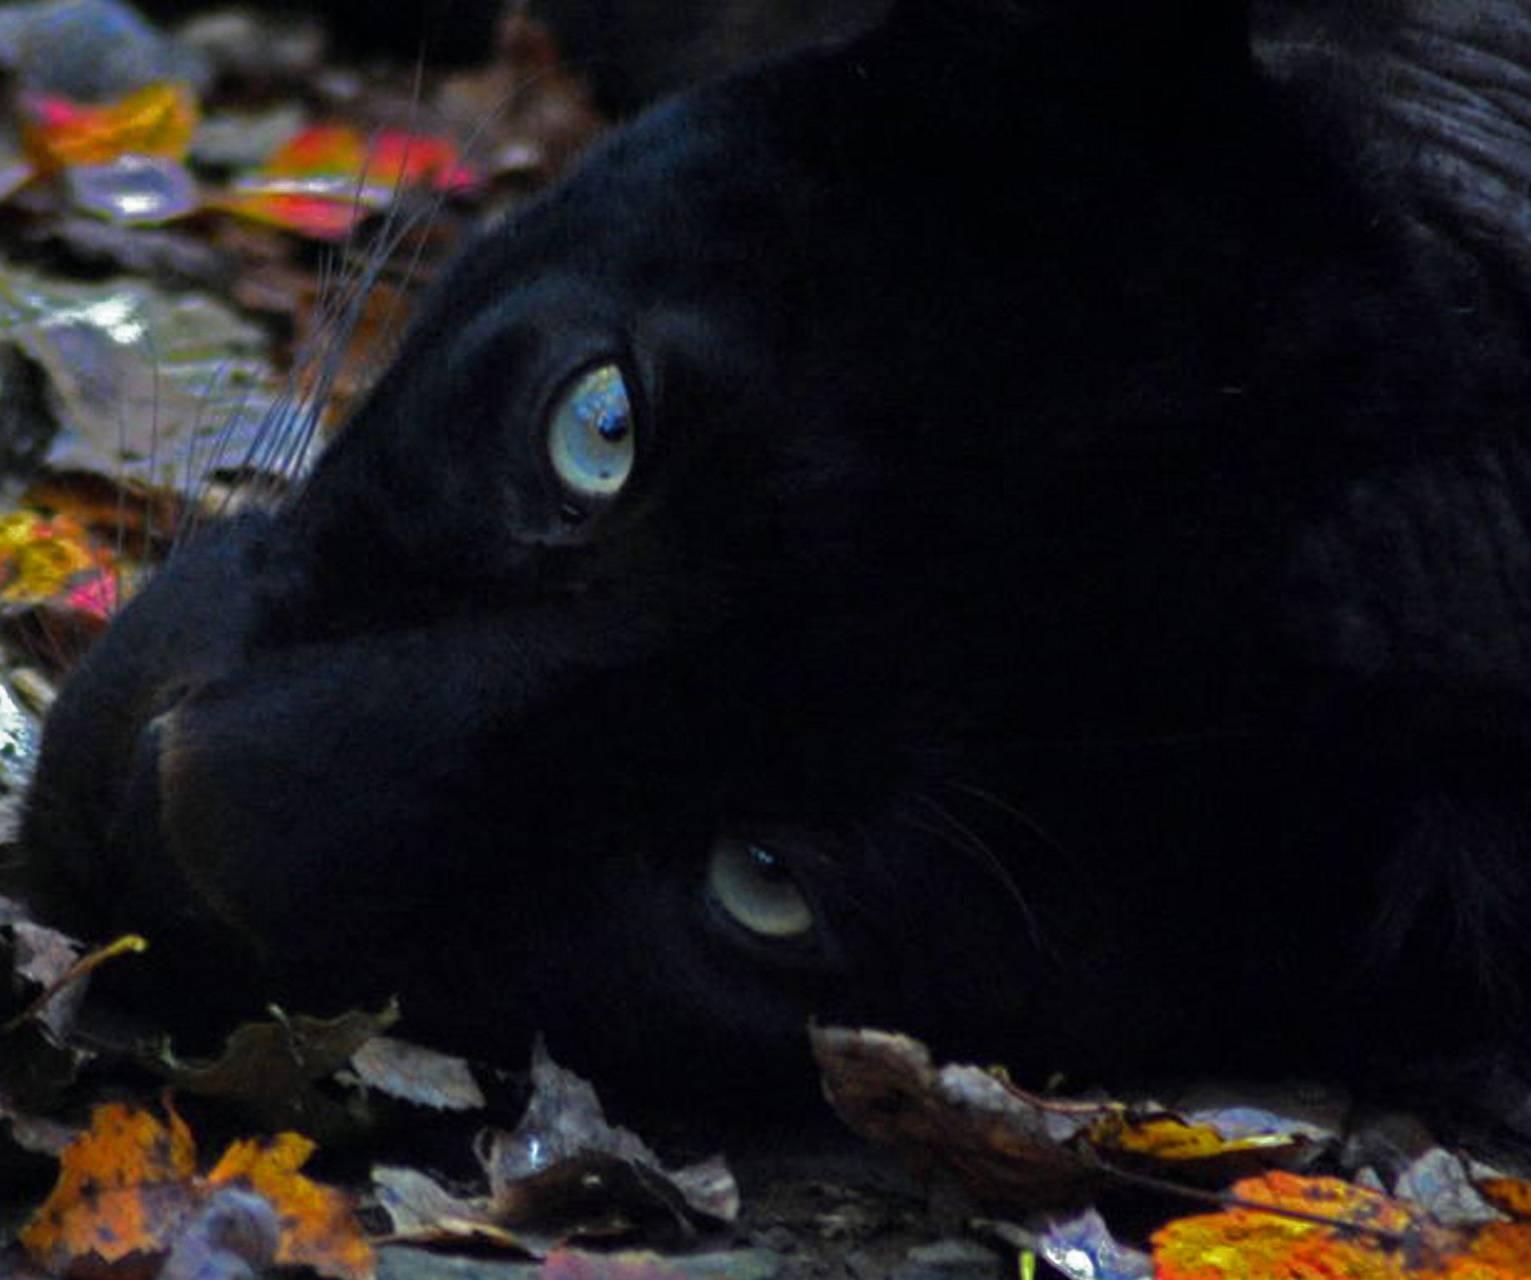 panther blue eyes